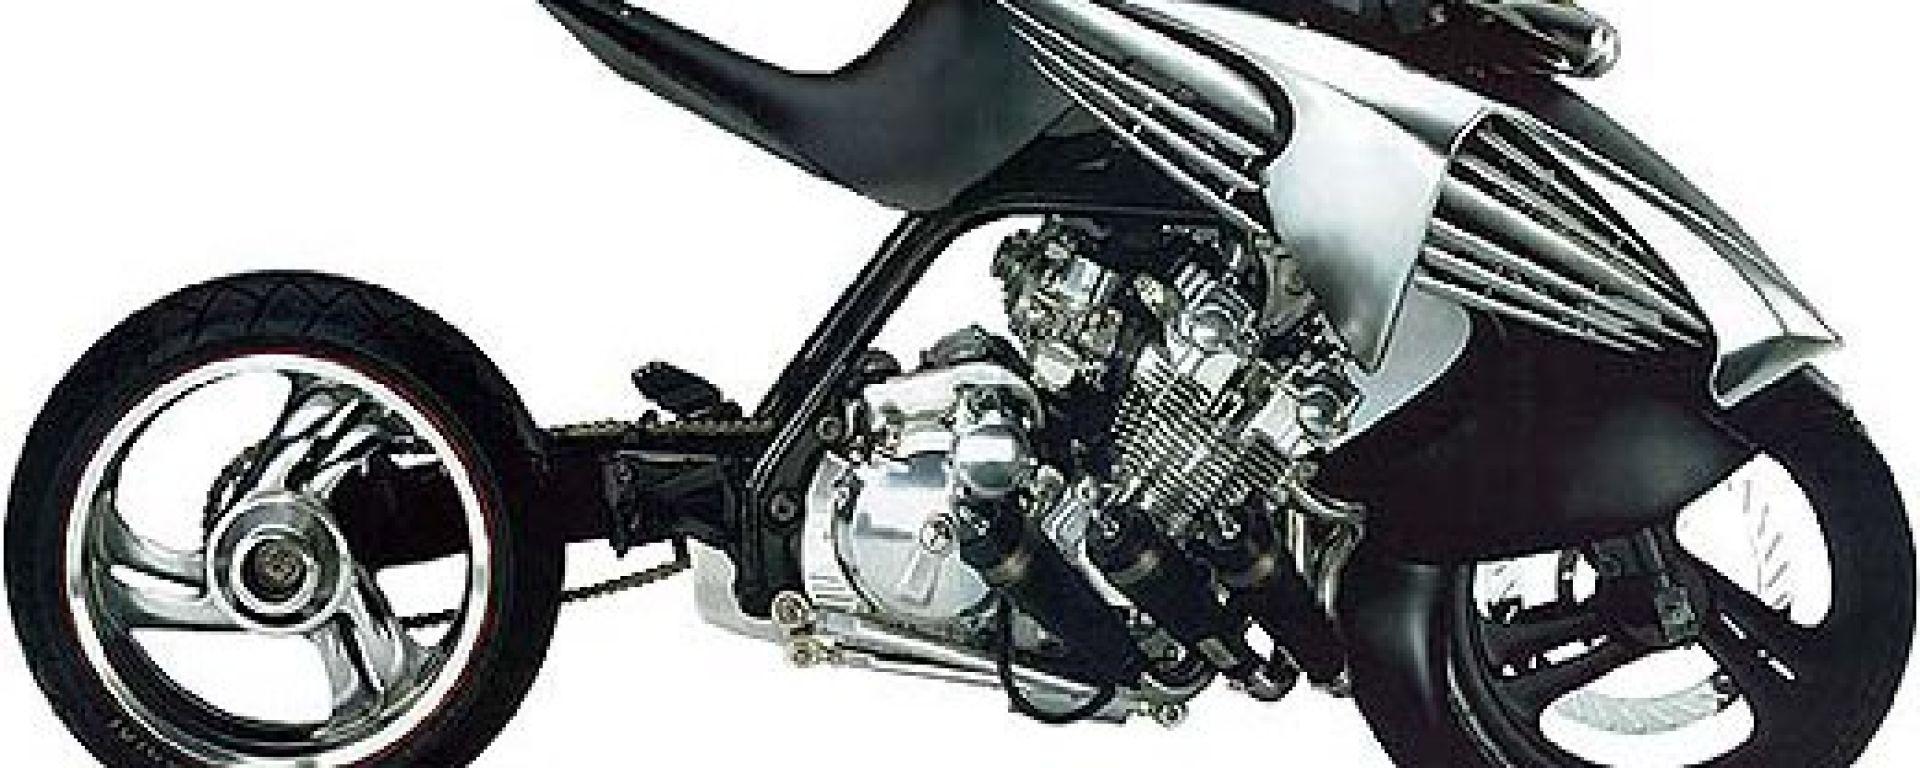 Honda Fantasix